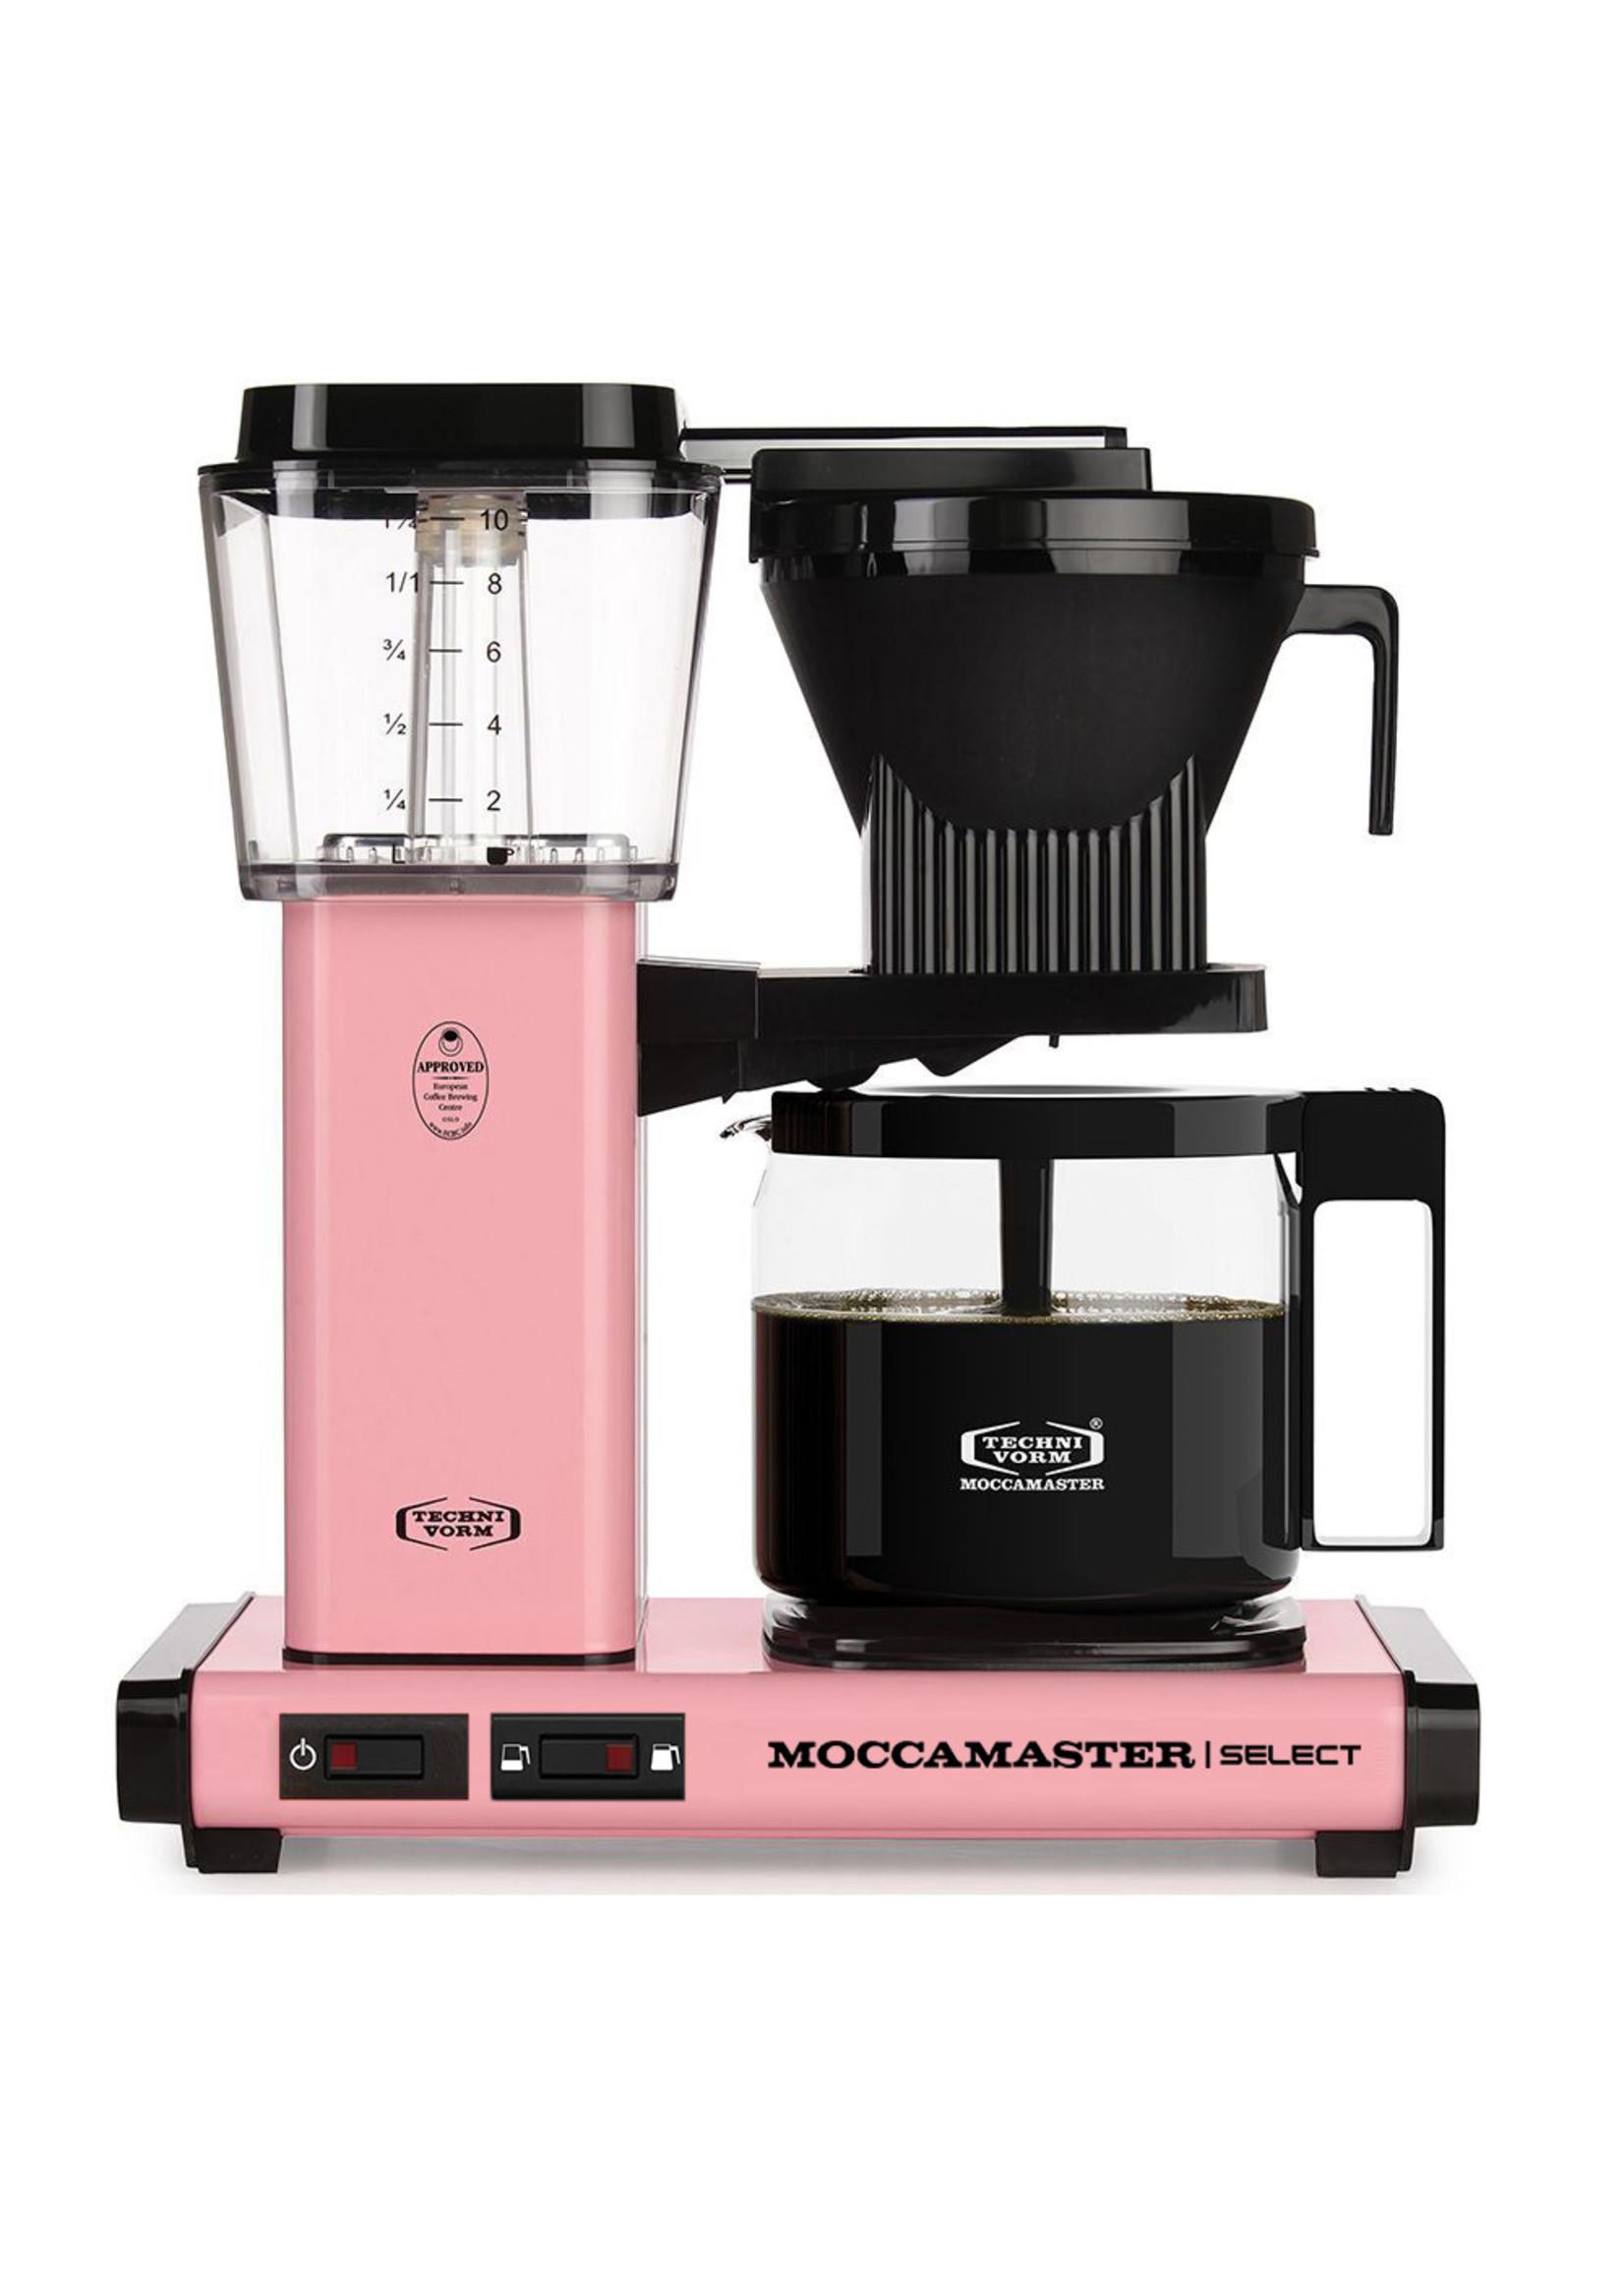 Mocca Master Moccamaster KBG741 AO Pink